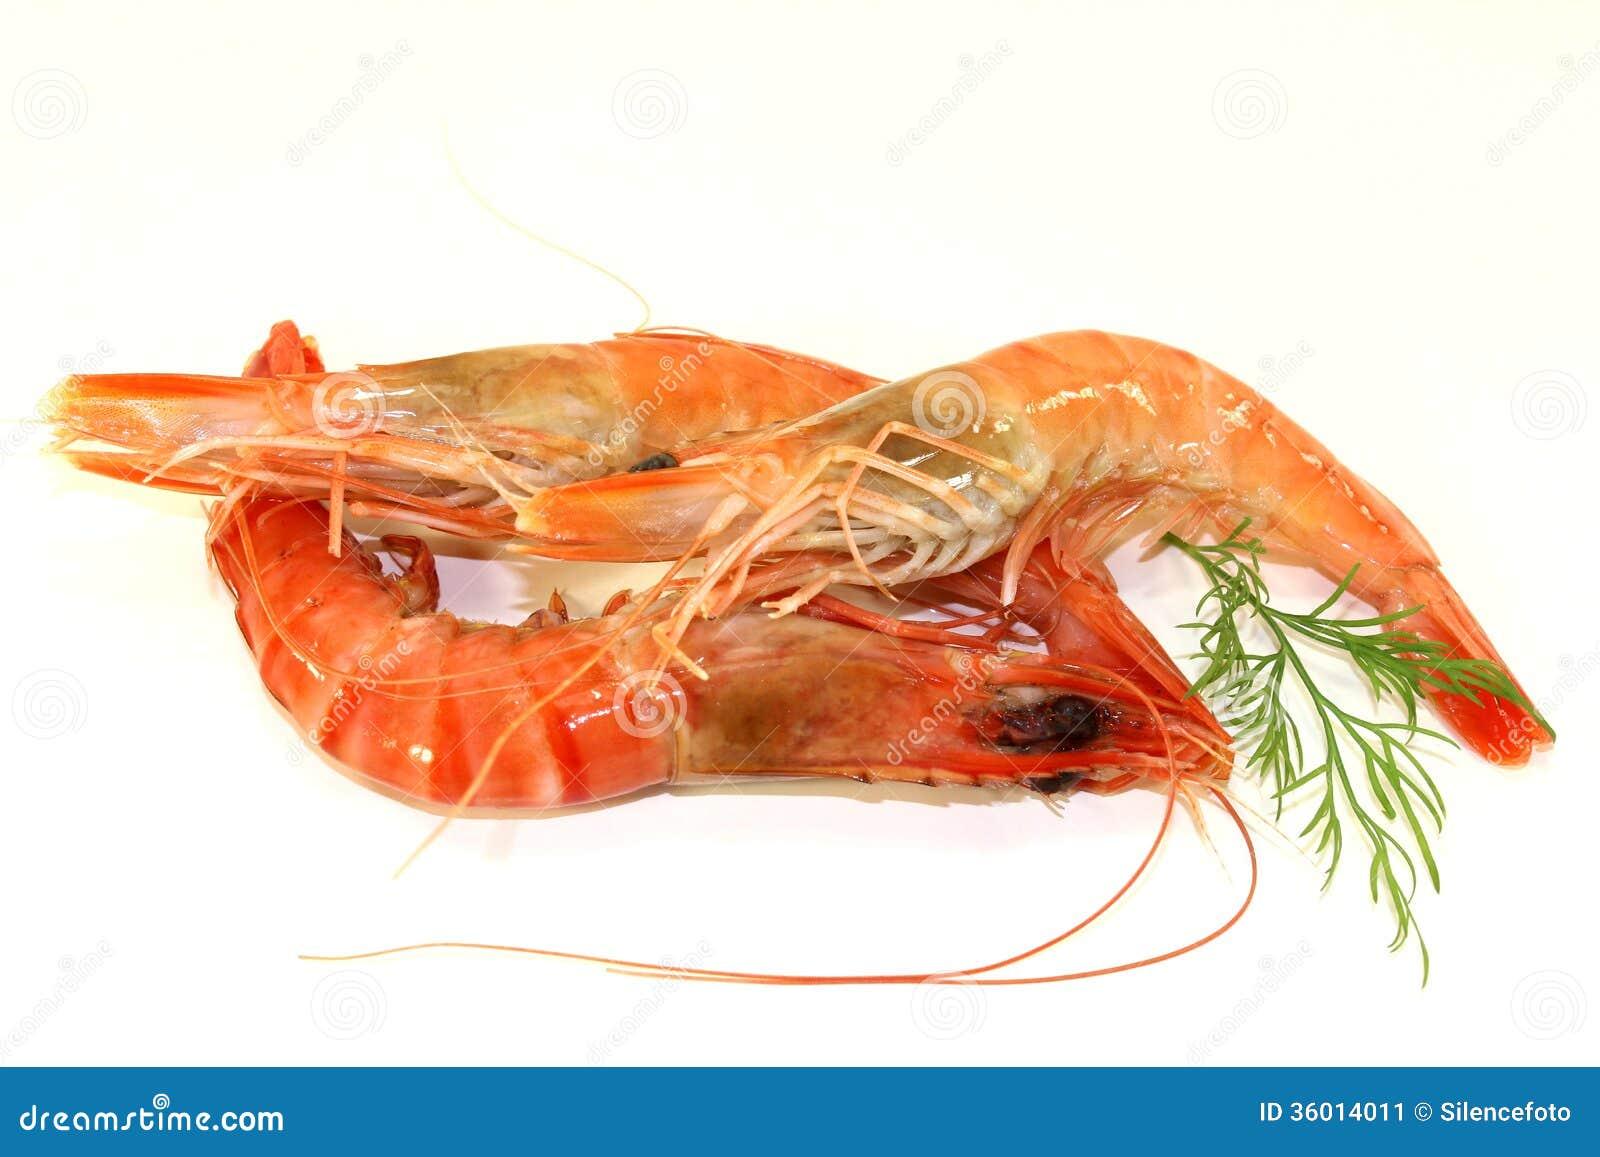 黑老虎虾 库存图片 - 图片